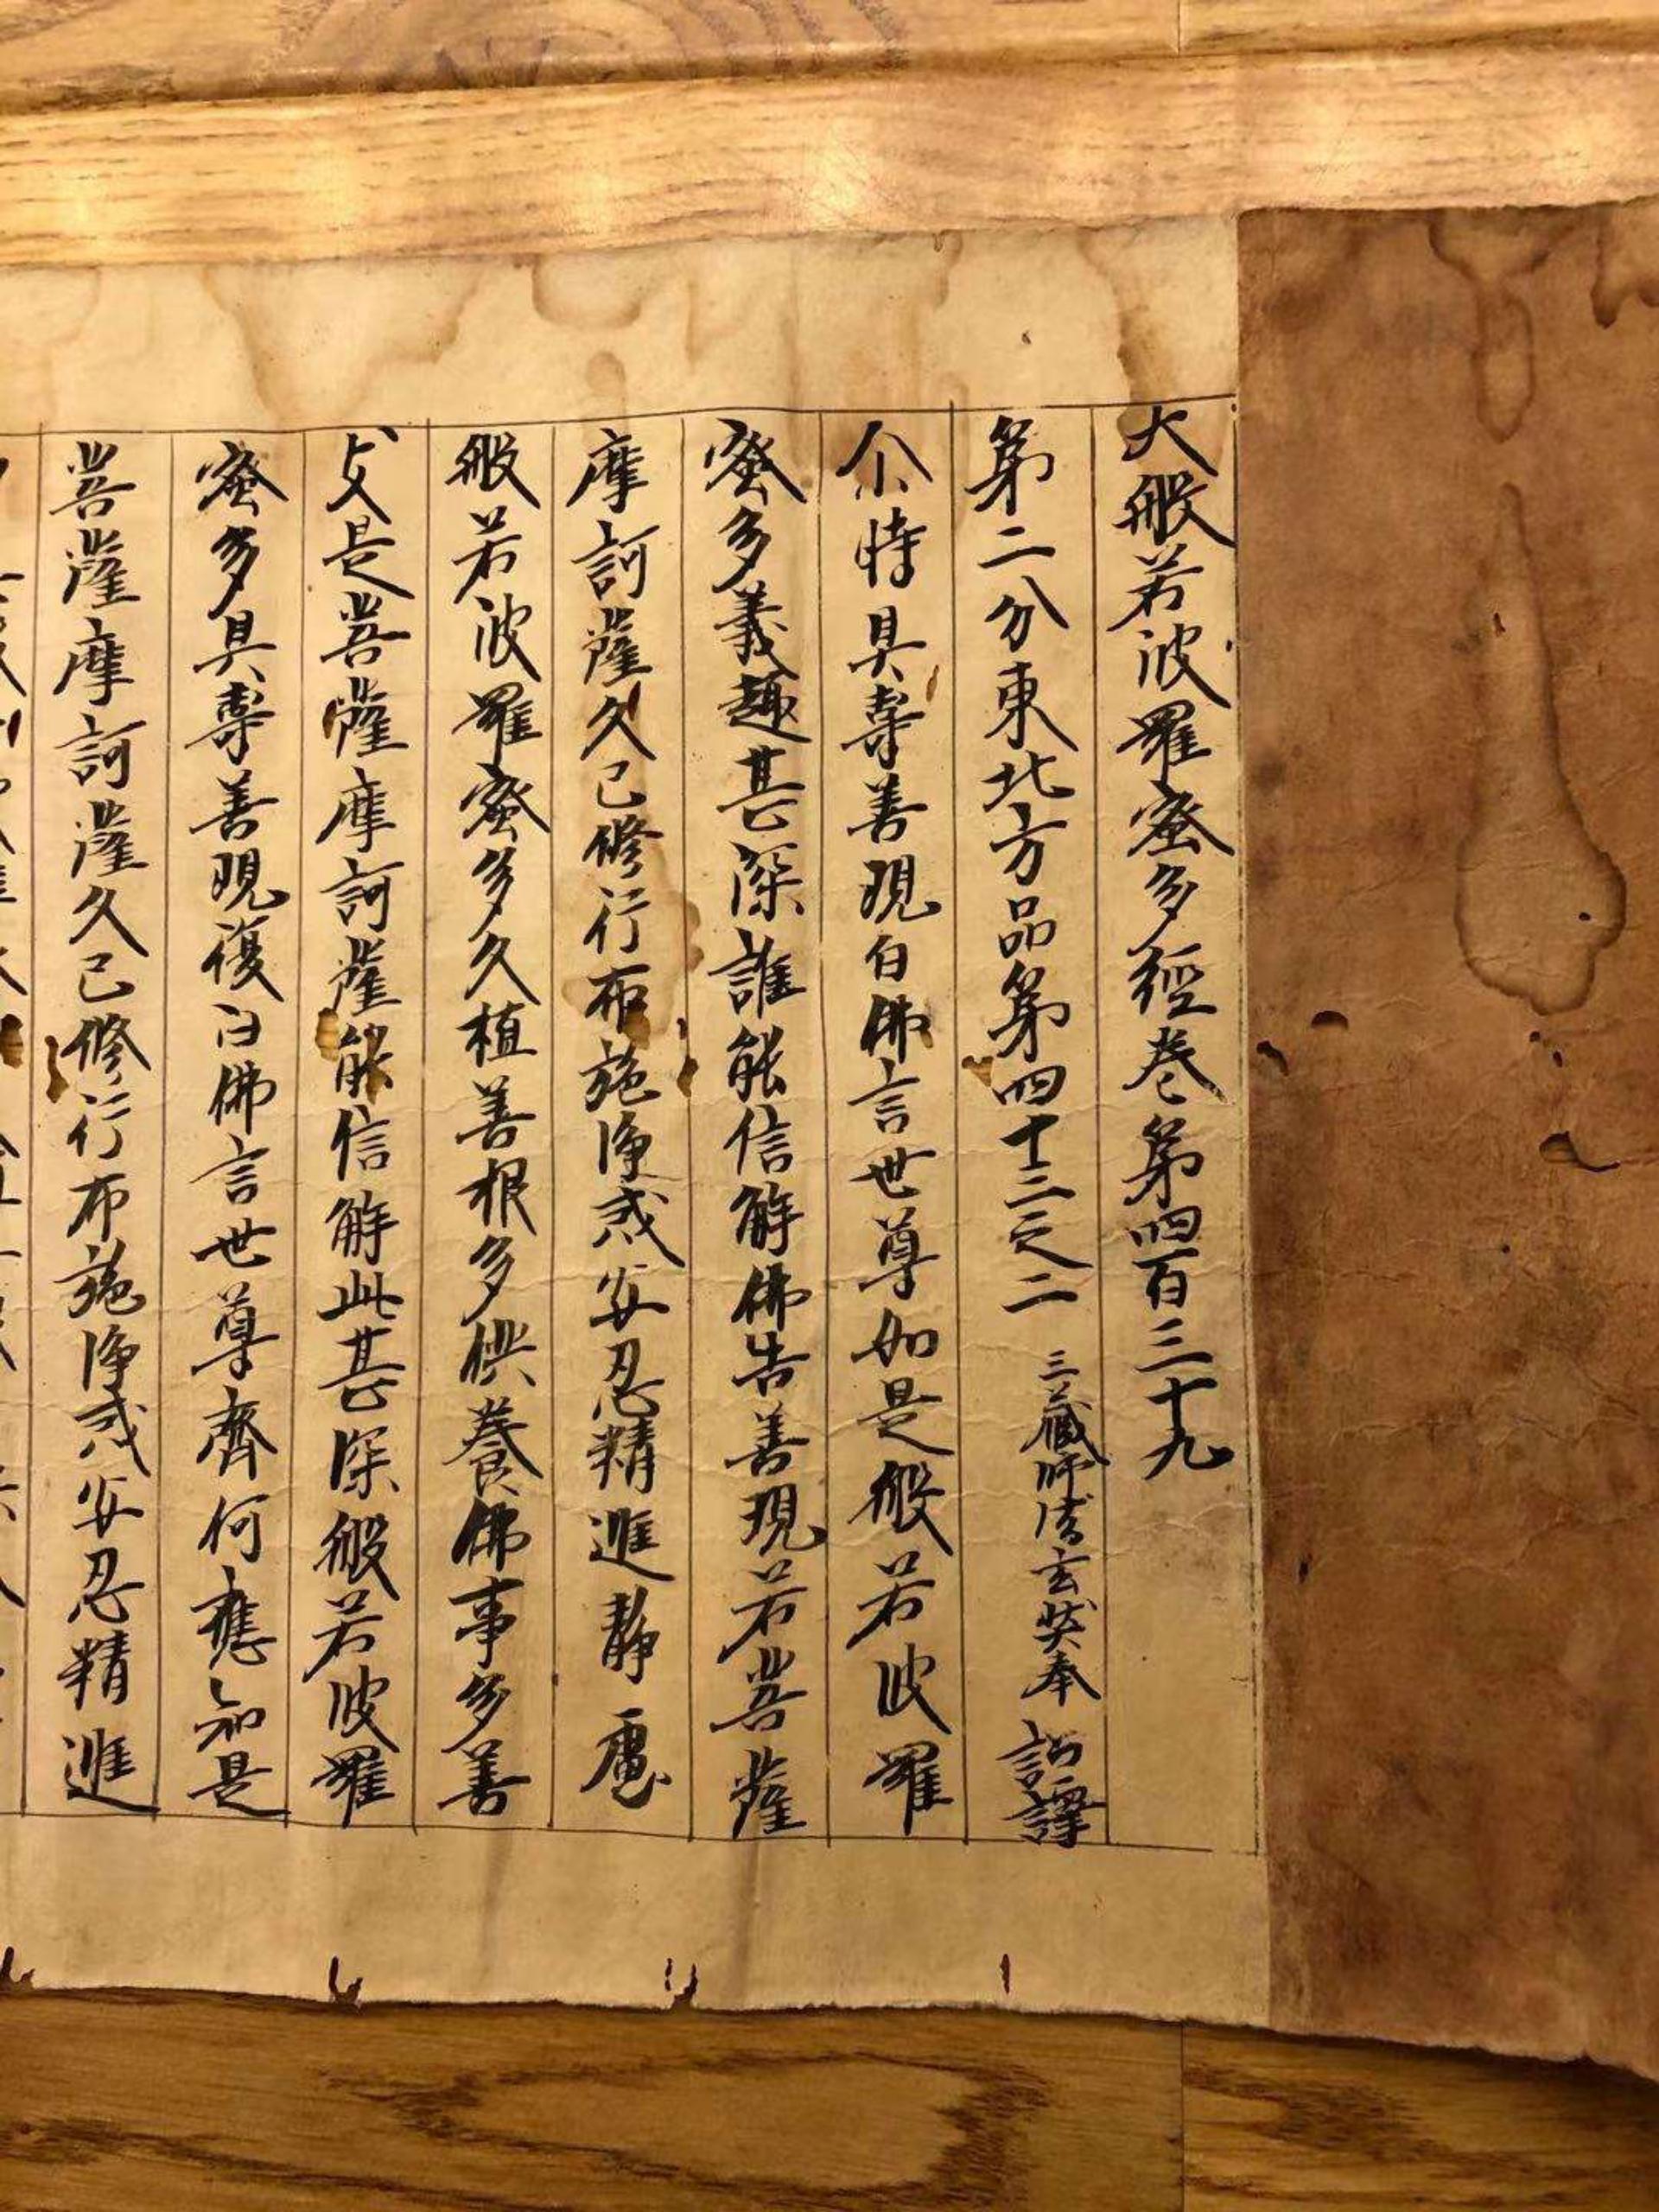 Handwritten buddhist scriptures 手写佛经